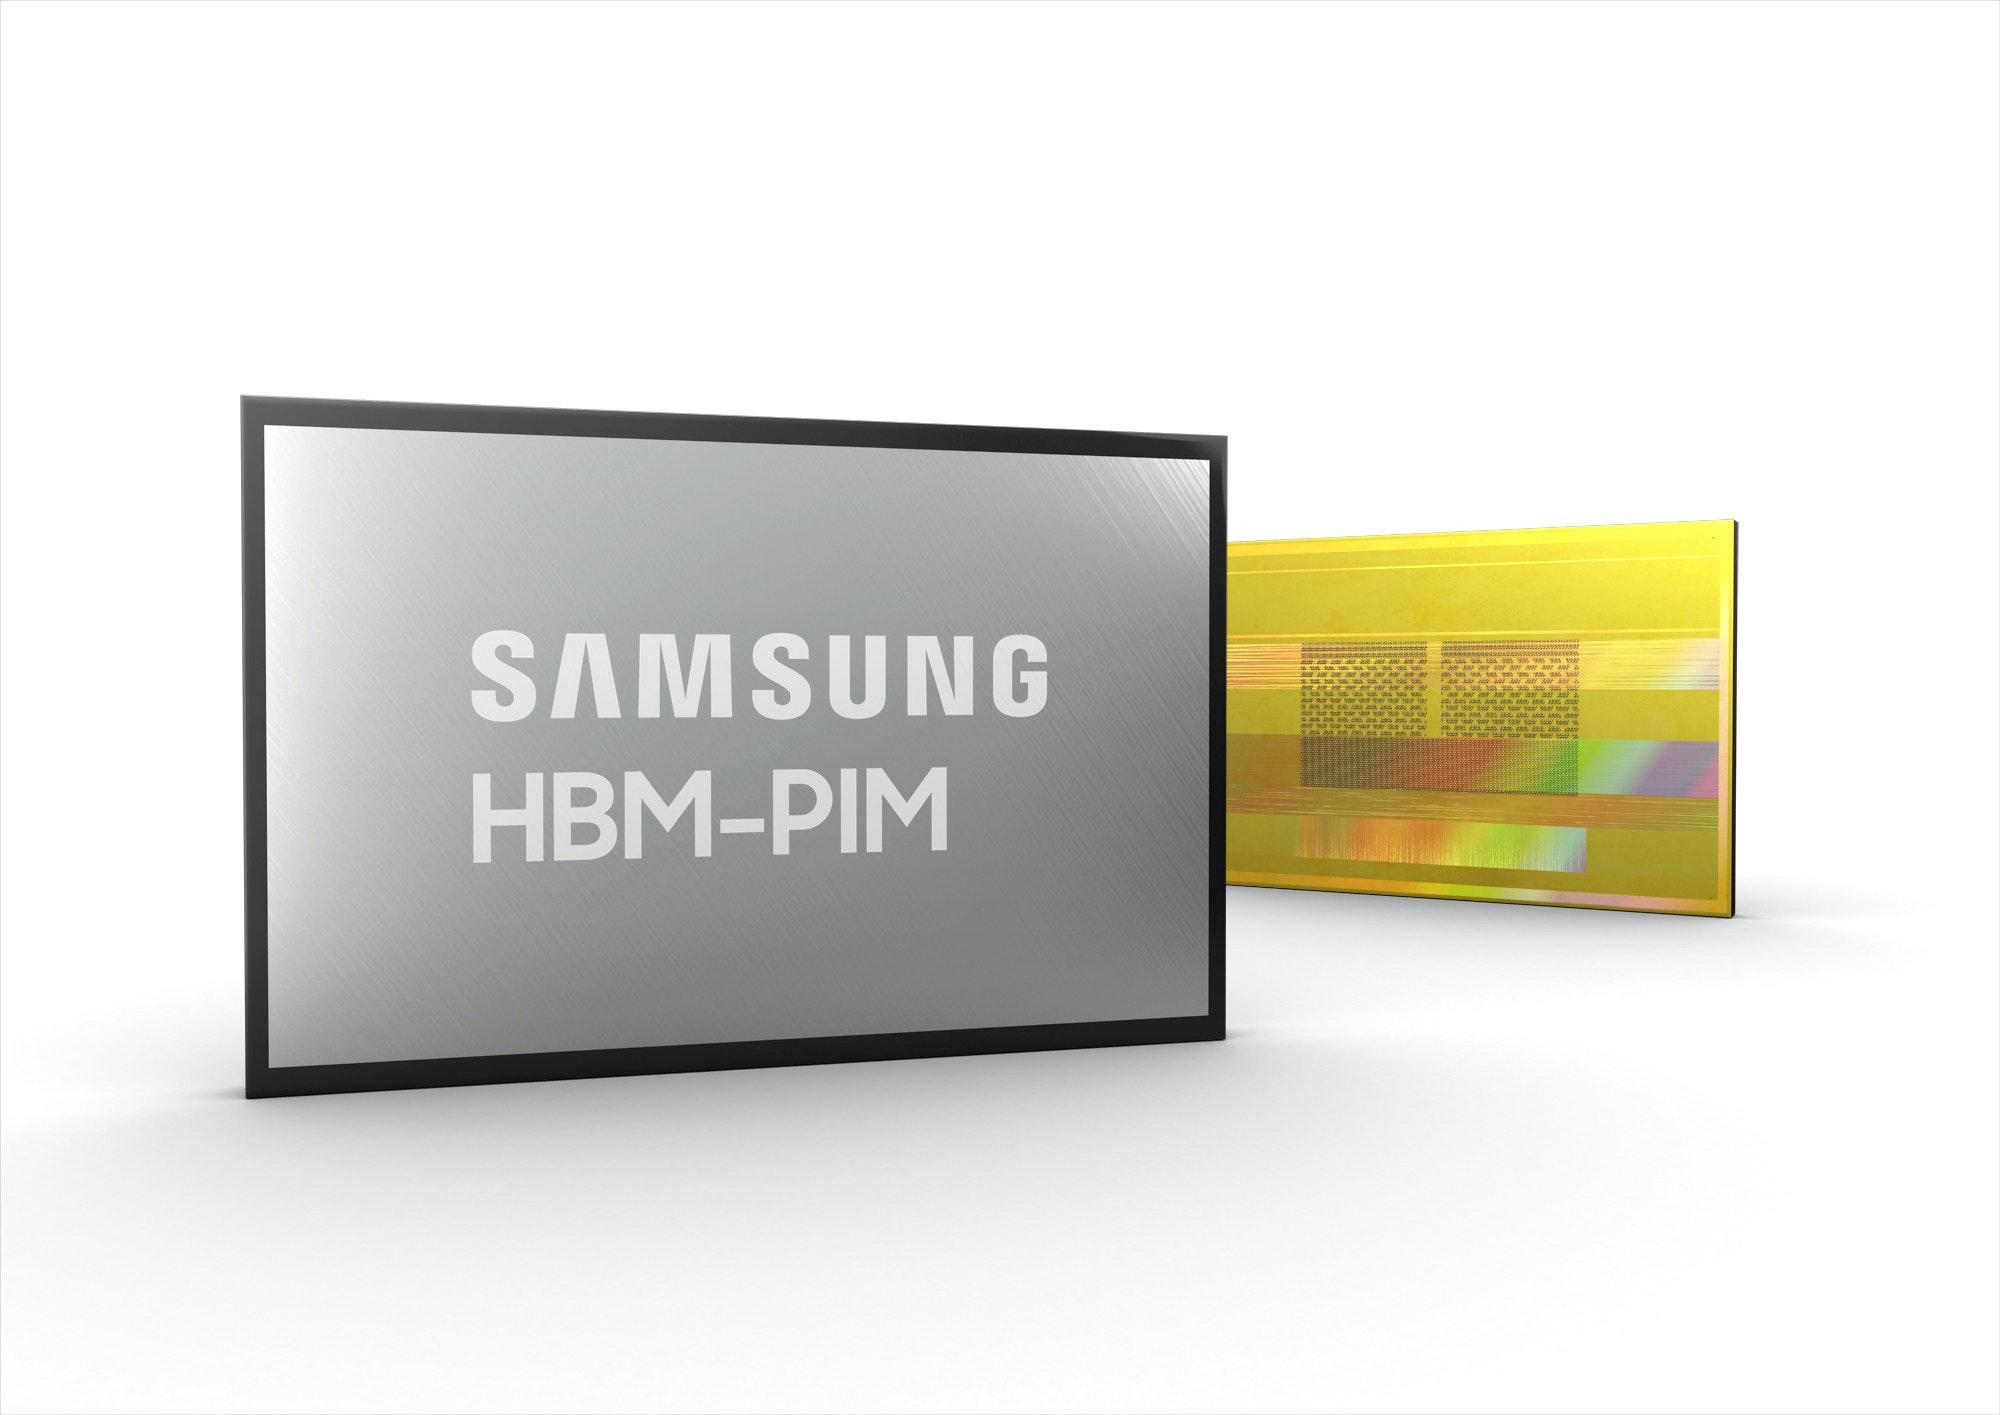 照片中提到了SAMSUNG、HBM-PIM,包含了三星、高帶寬內存、半導體存儲器、三星電子、三星集團